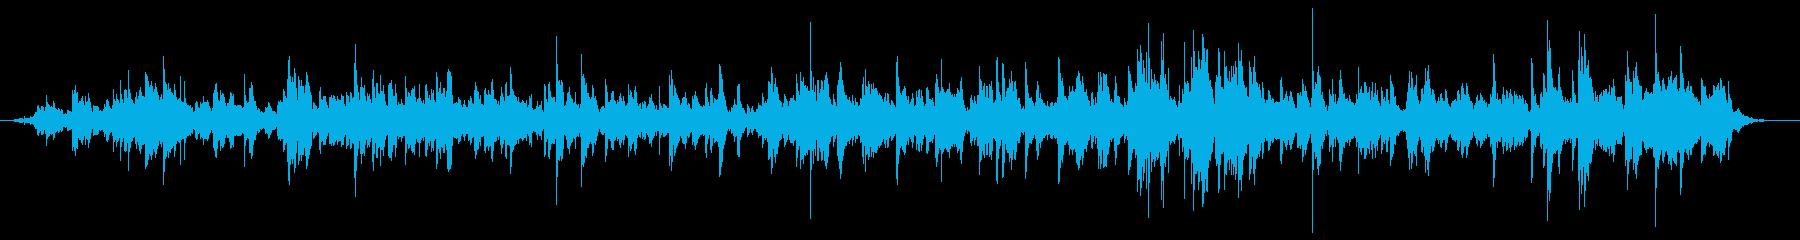 ベル キラキラ ドライの再生済みの波形